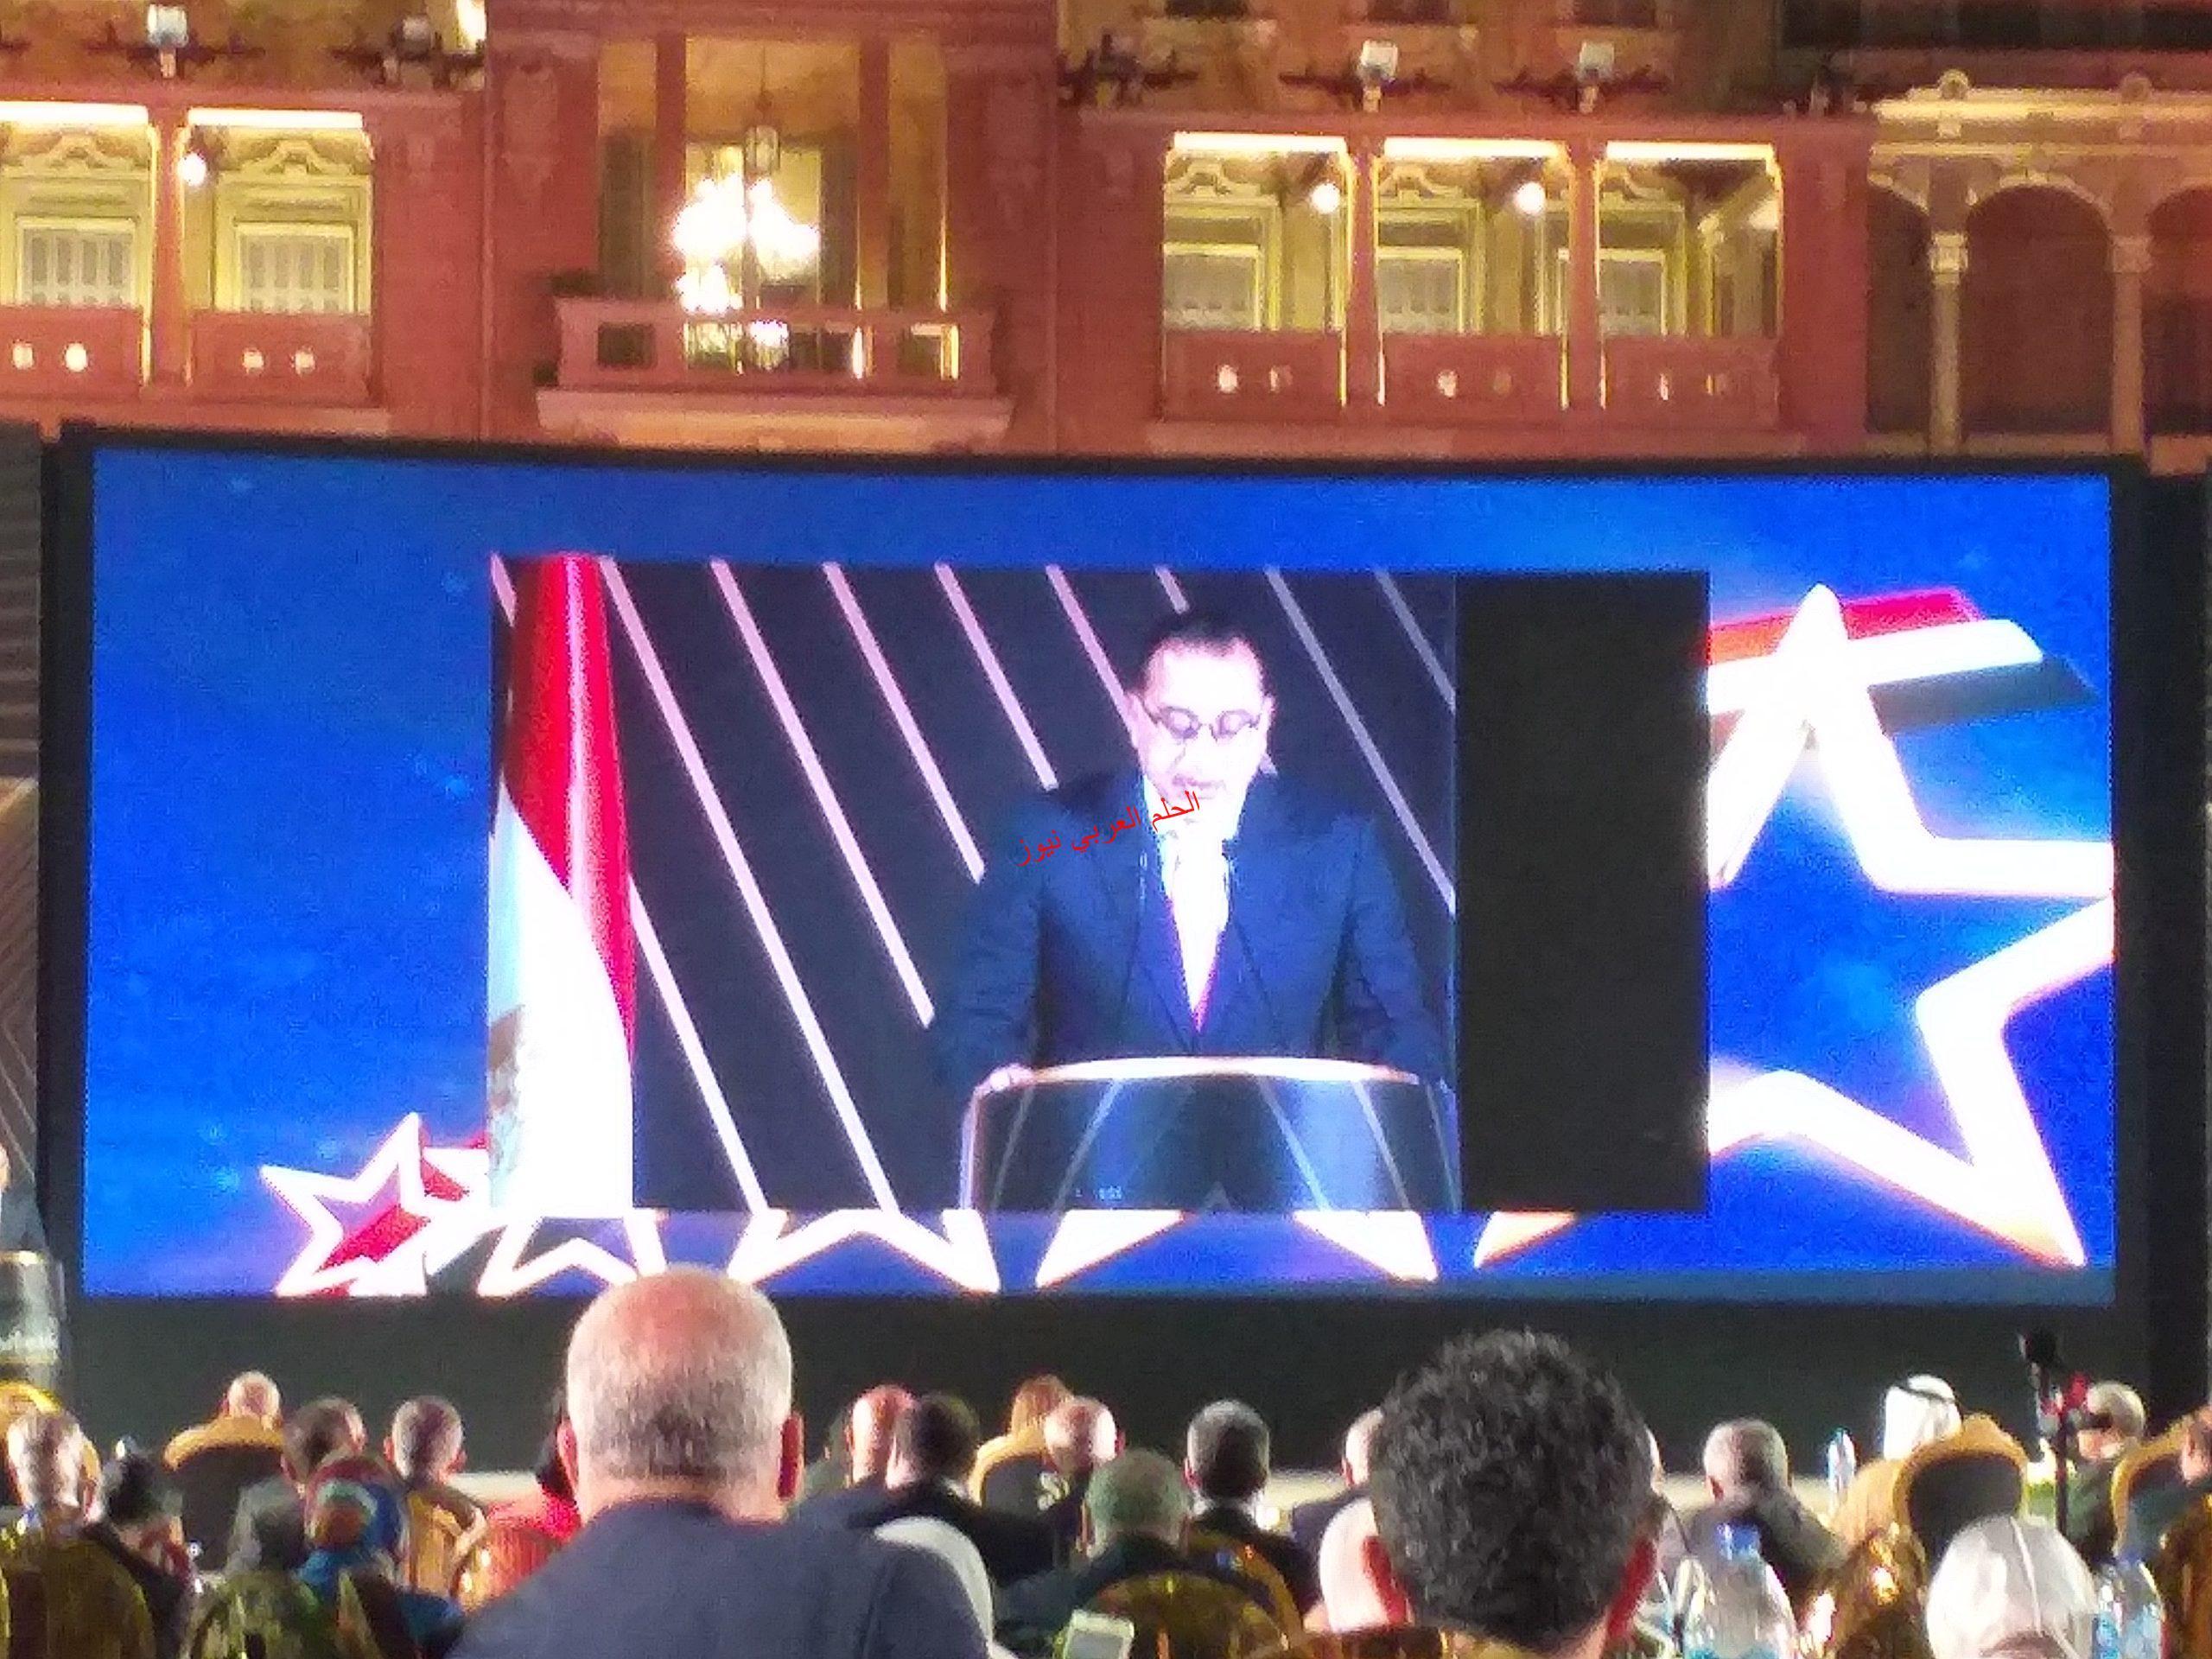 كلمة رئيس مجلس الوزراء دكتور مصطفي مدبولي في اعلان جائزة التميز الحكومي بقلم ليلي حسين